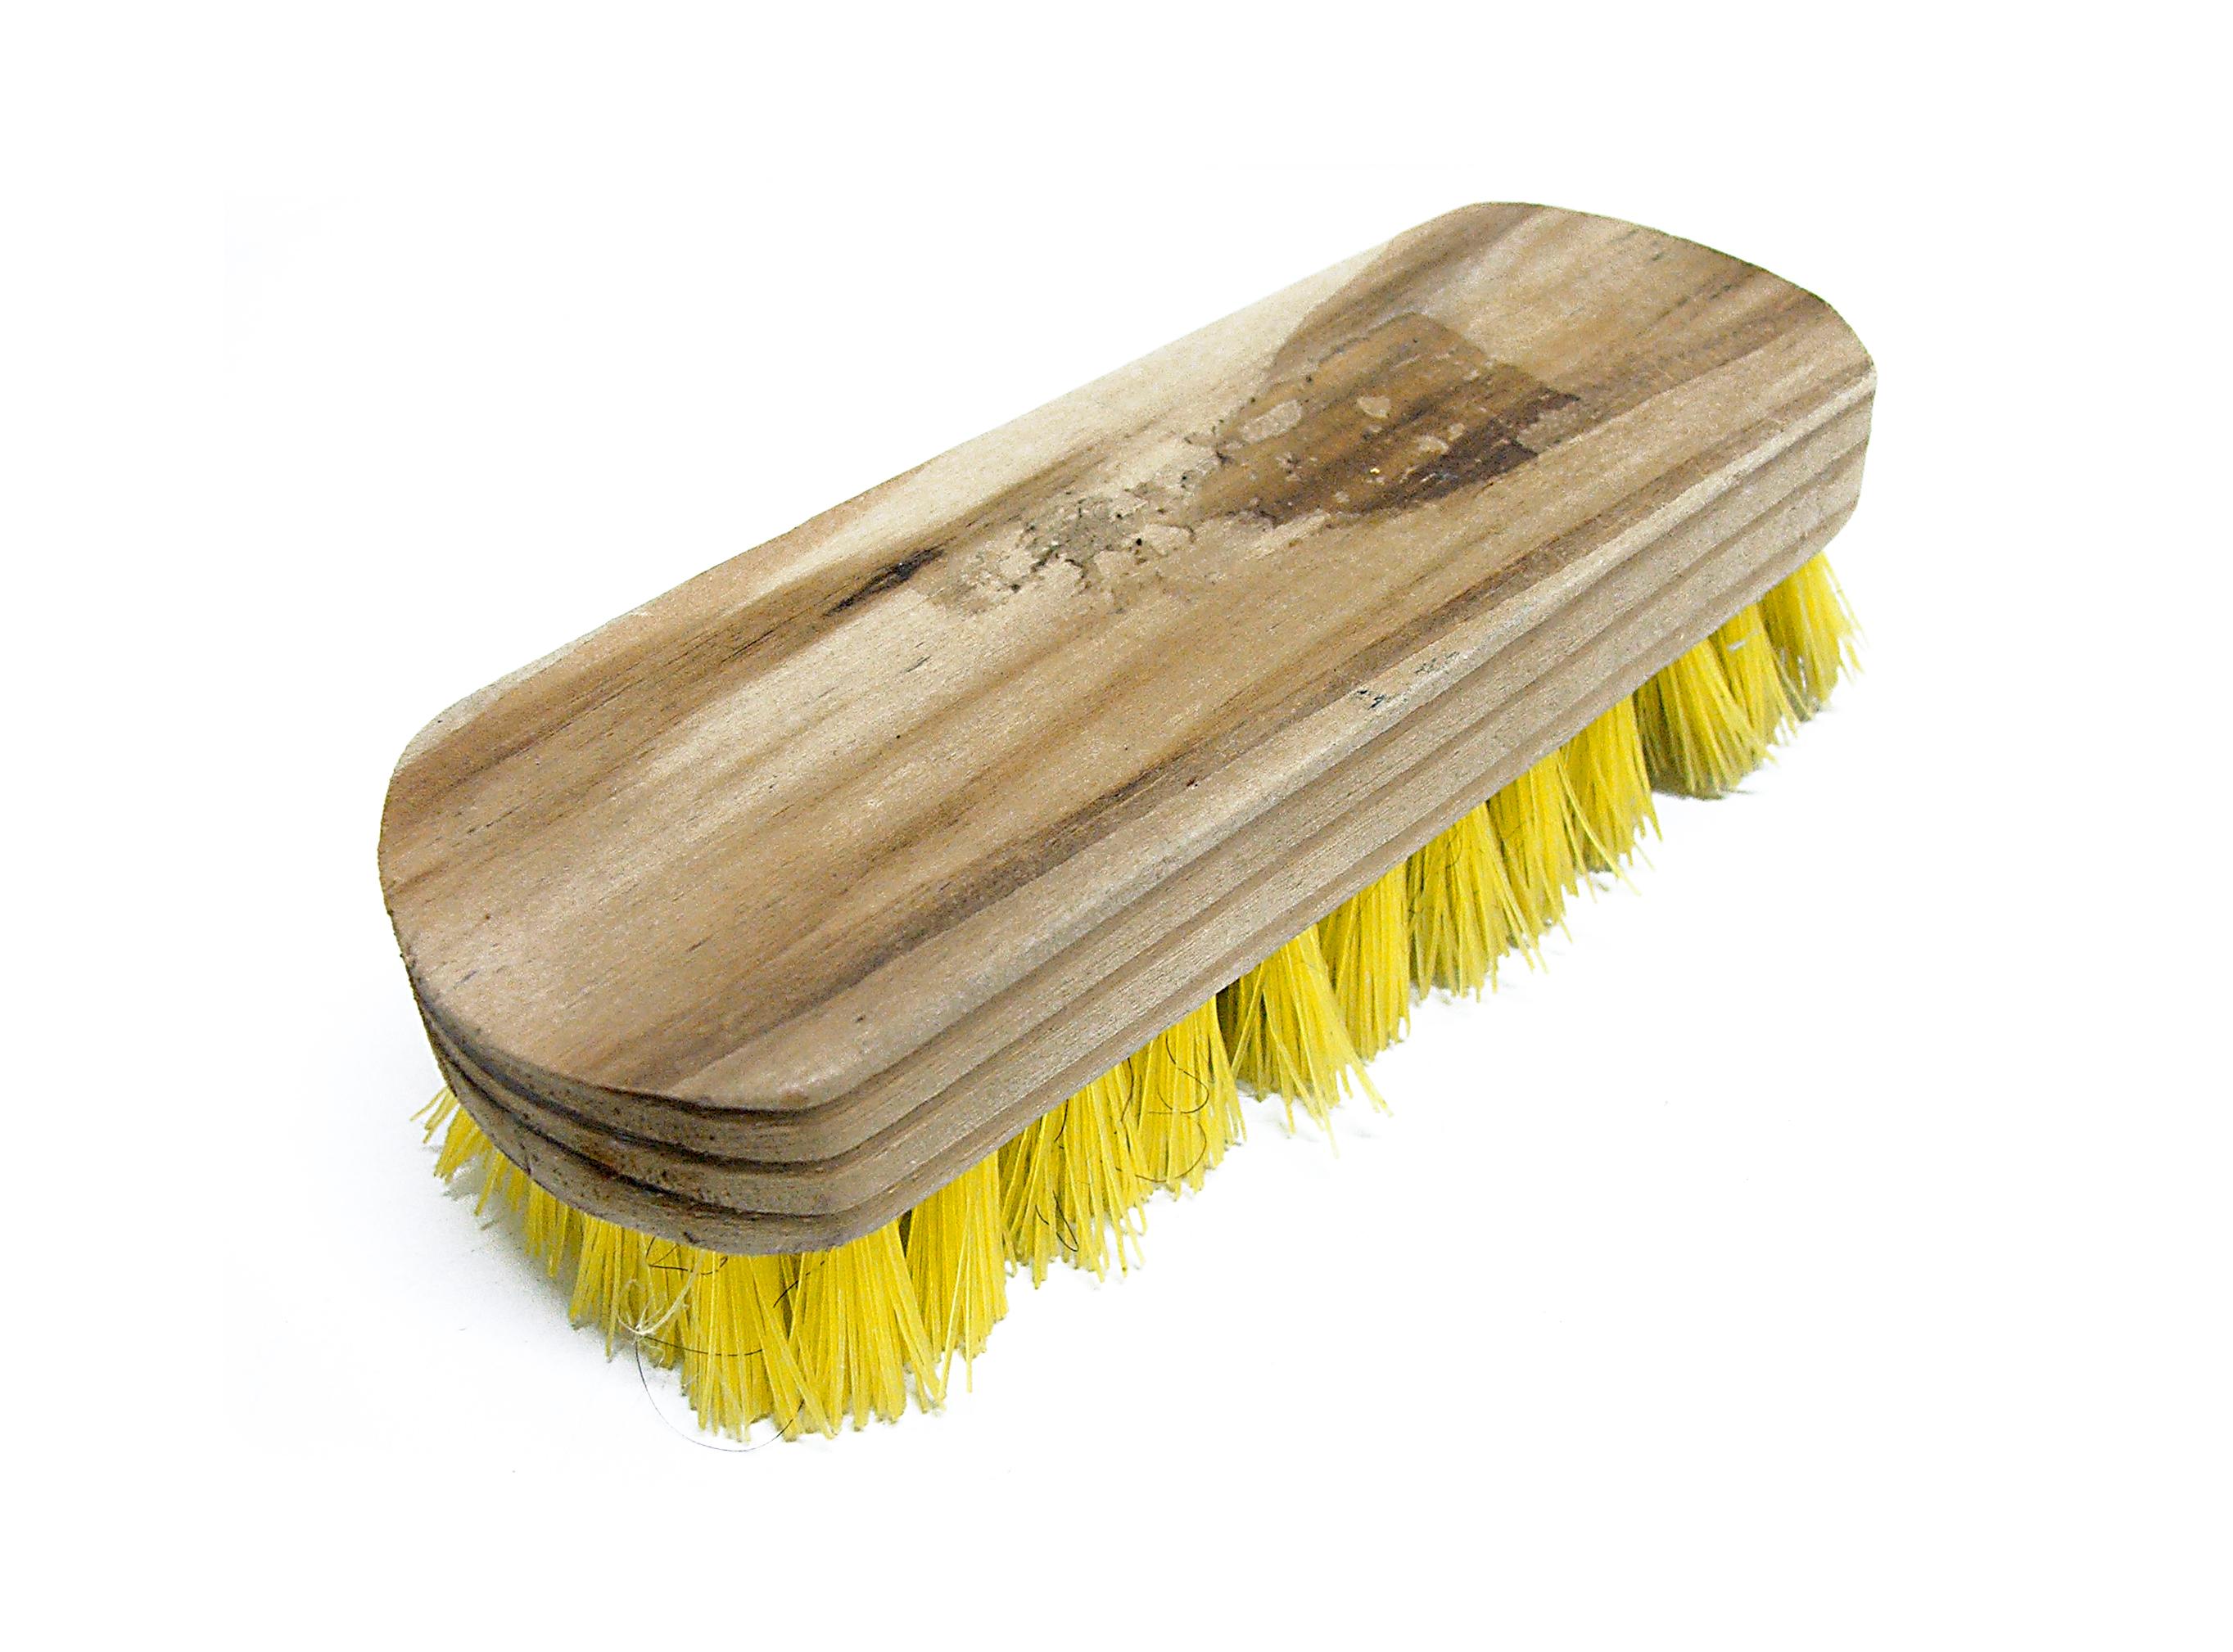 C mo usar el bicarbonato de sodio para limpiar ideas - Productos para limpiar el bano ...